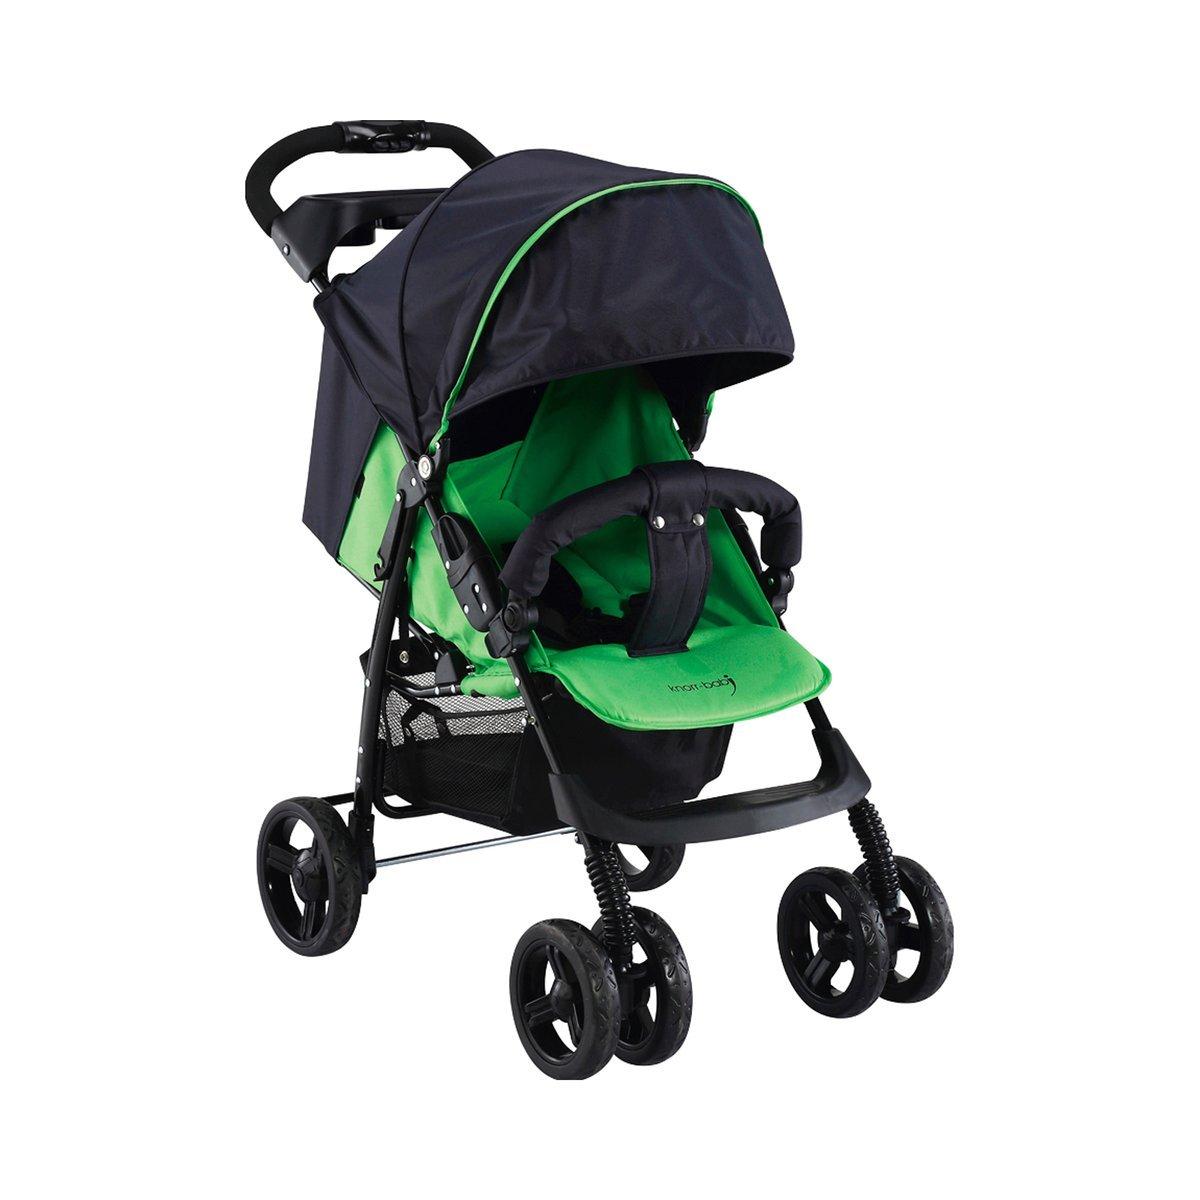 Knorr-baby Cochecito de ni/ños deportivoV Easy Fold azul